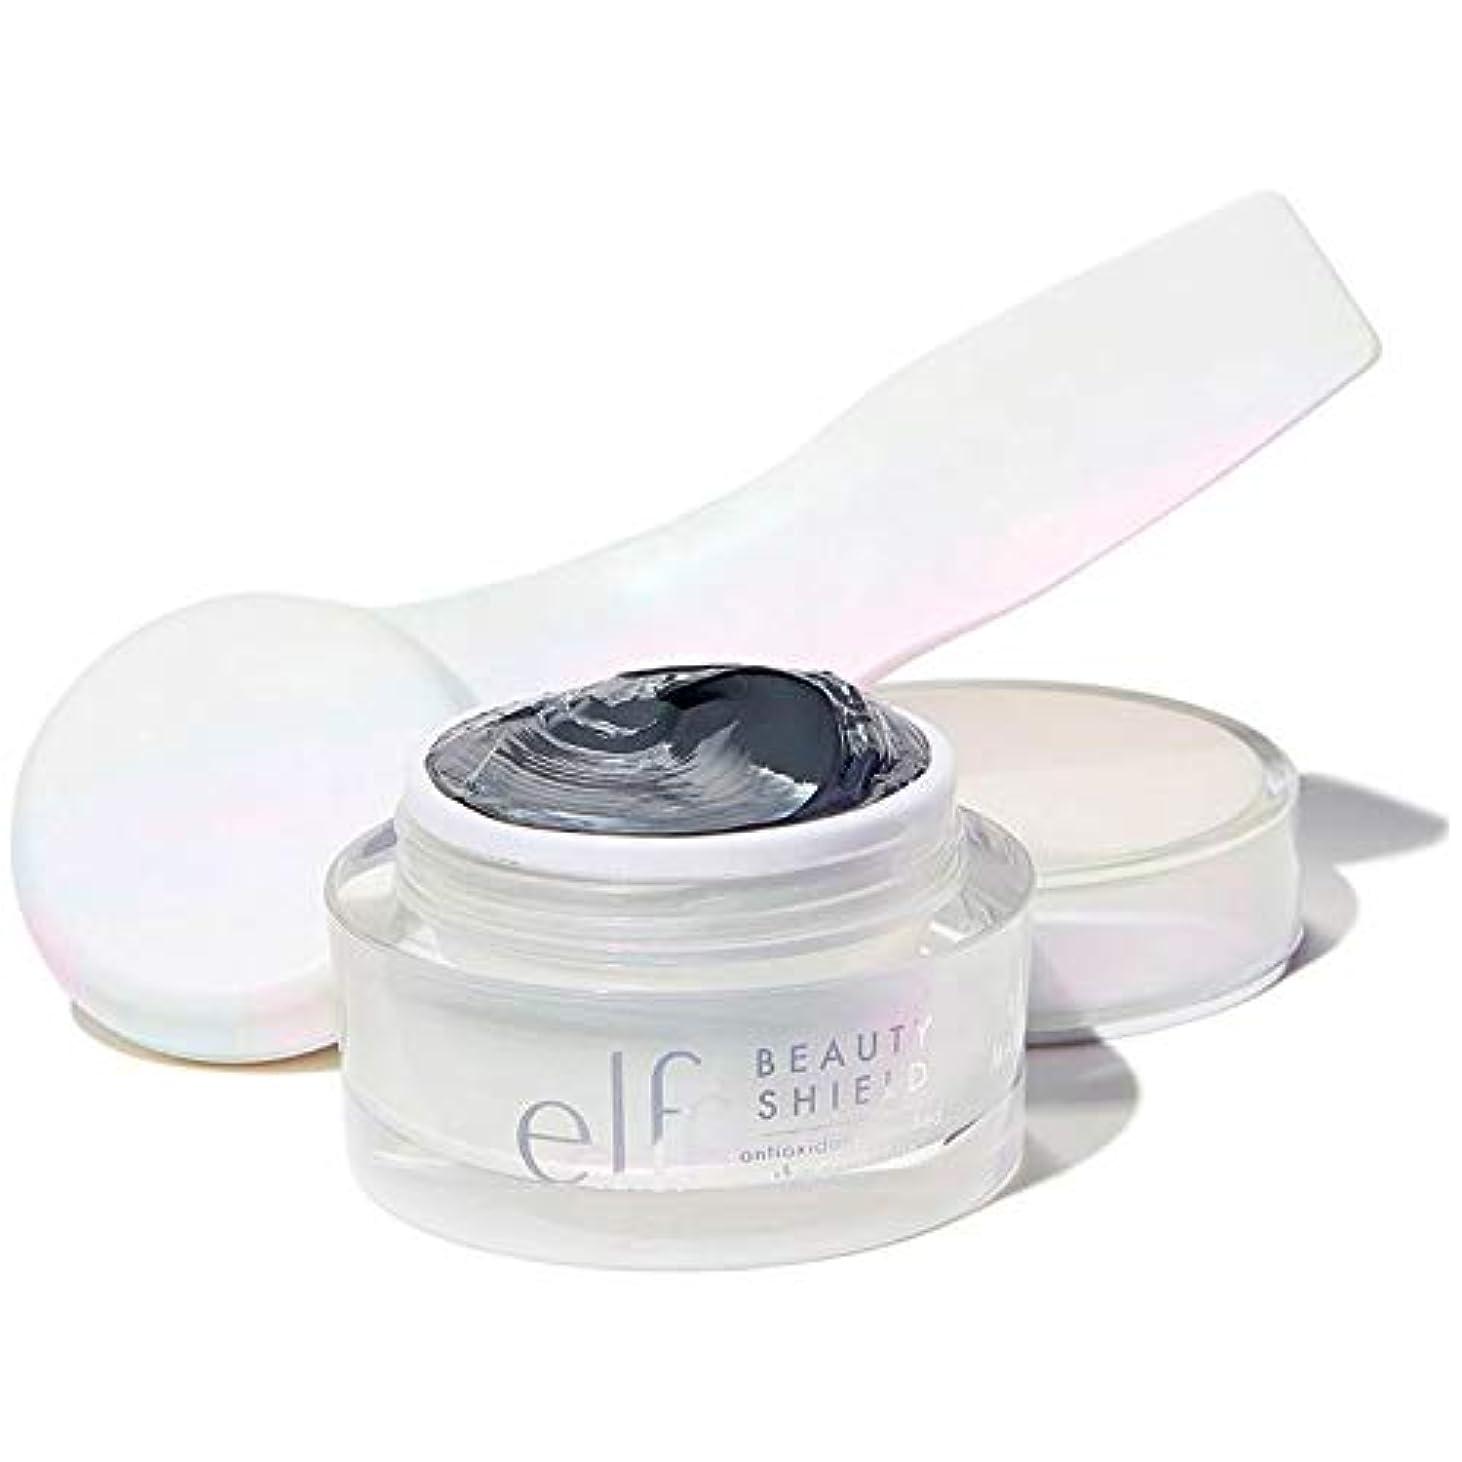 引き付けるブランド名勉強するe.l.f. Cosmetics 磁石マスク パック